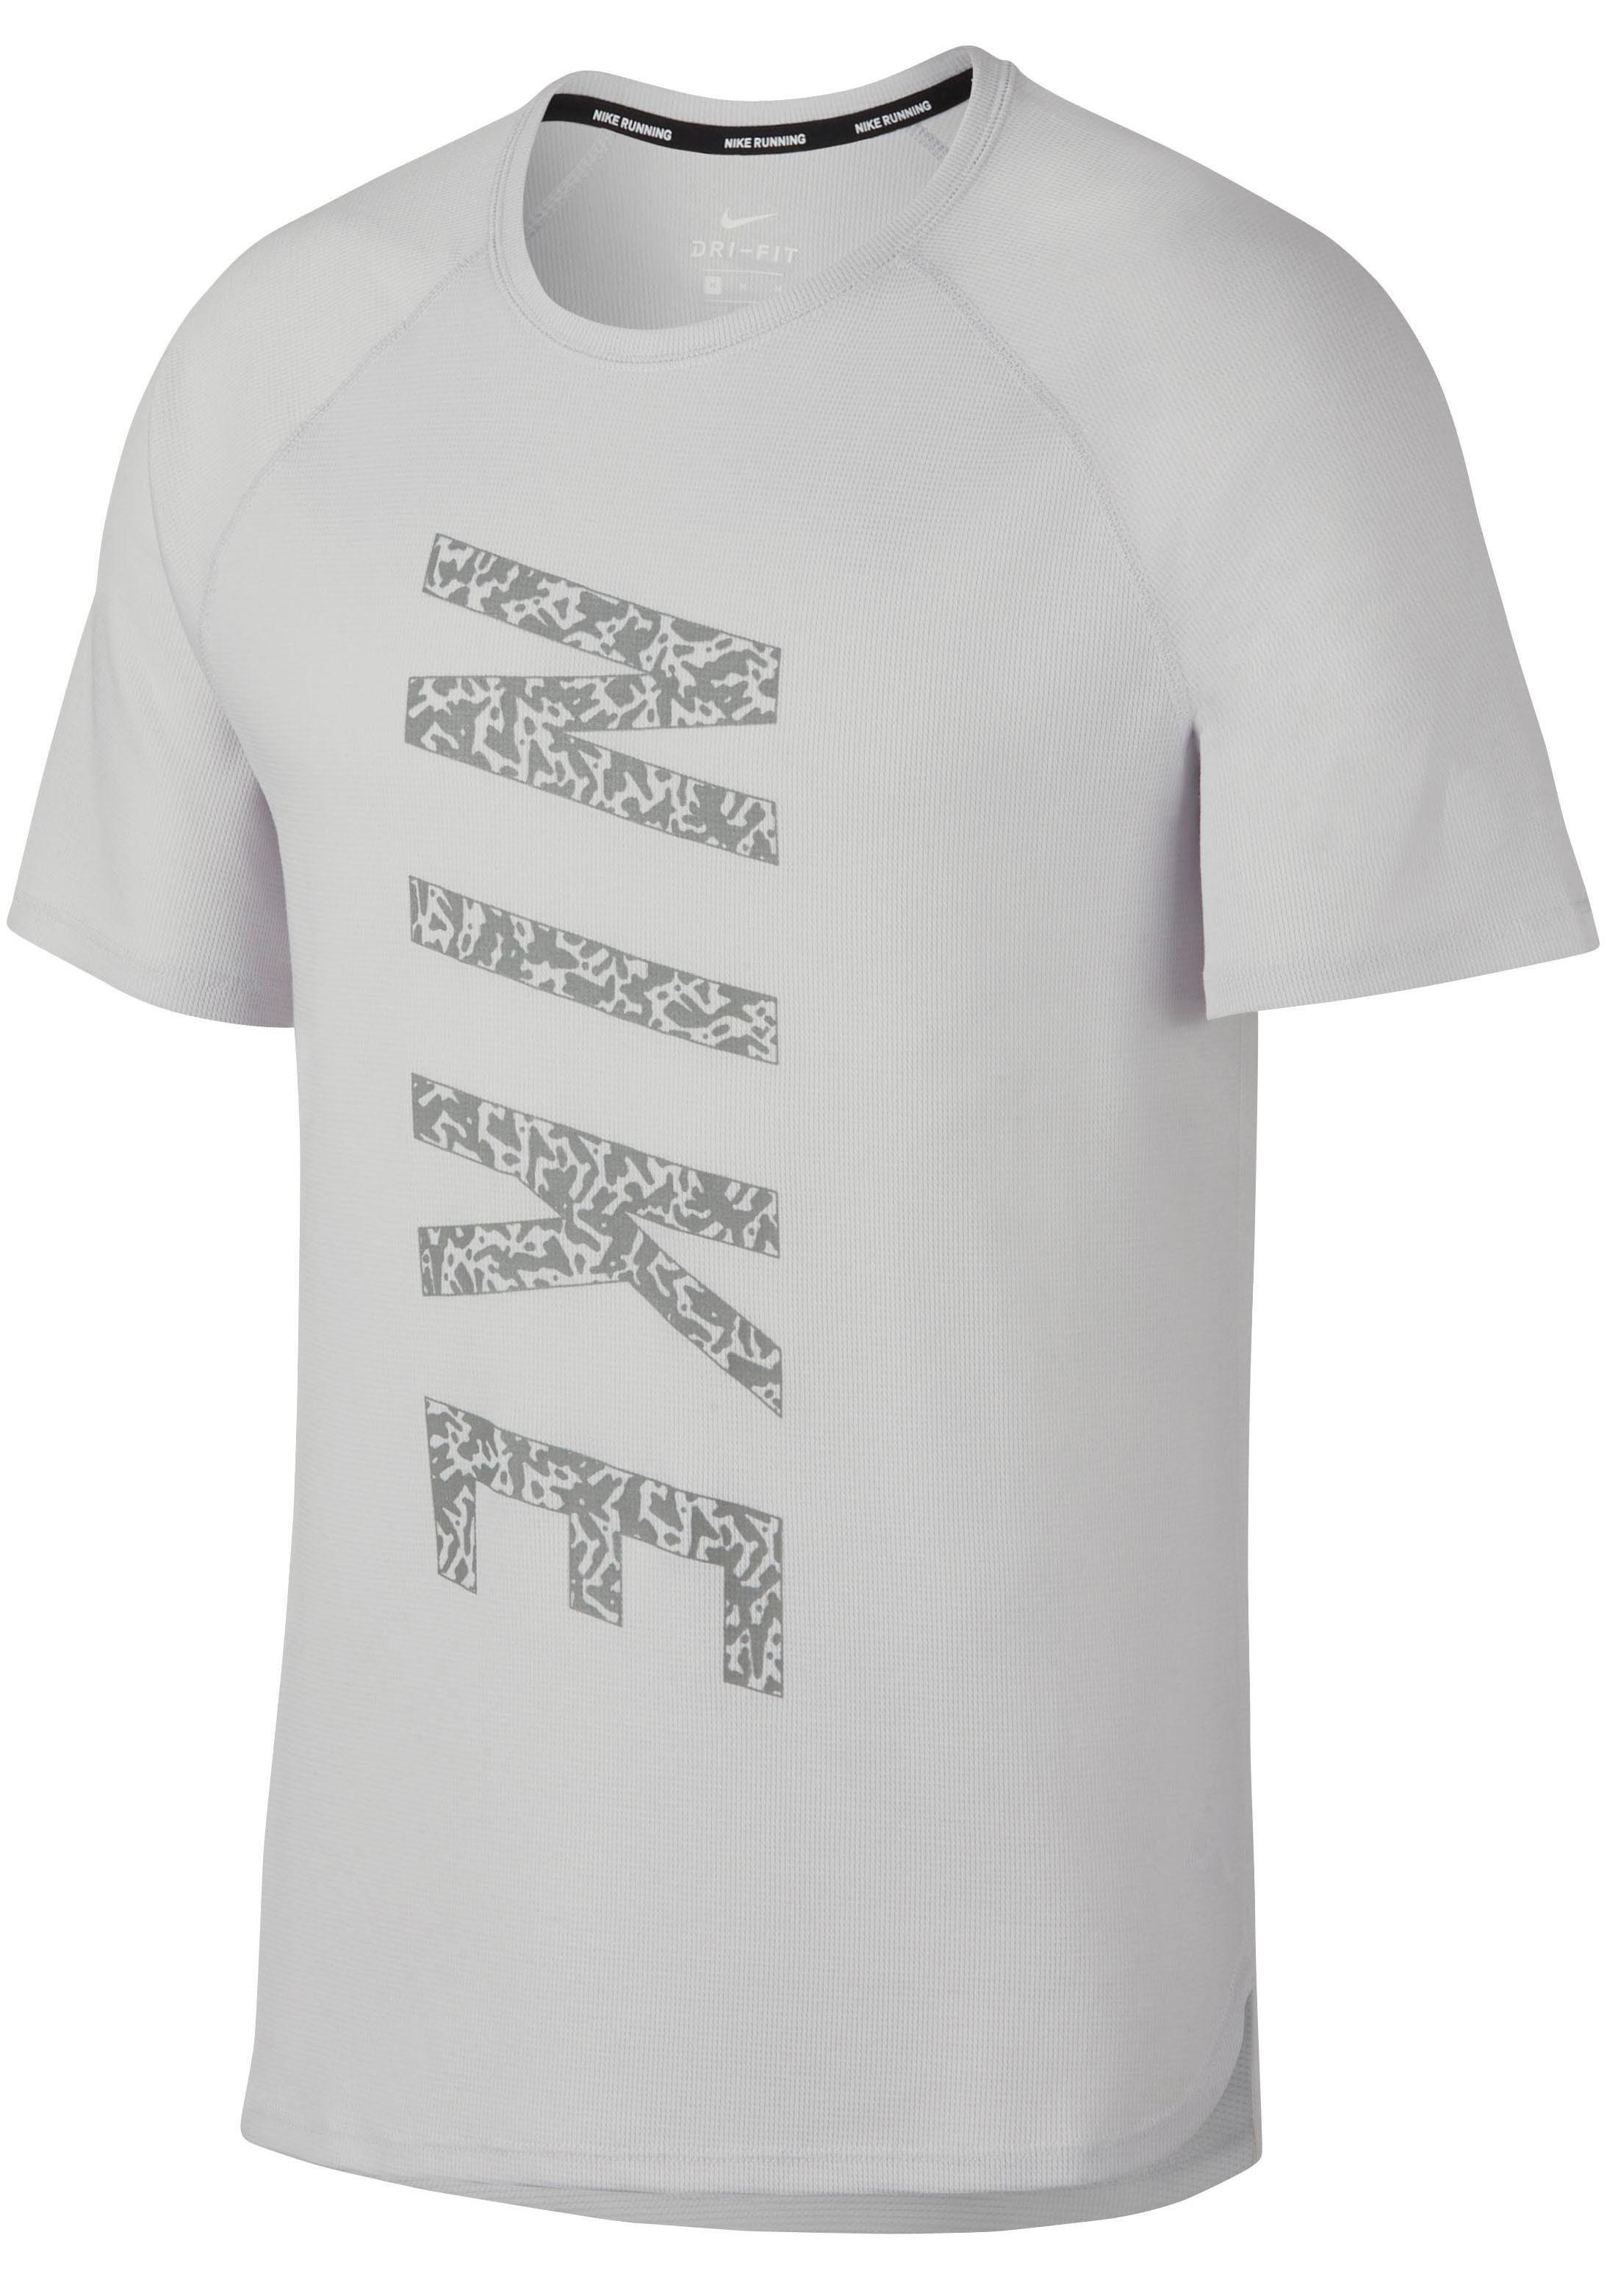 Kleidung, Schuhe & Accessoires Baby Maritimes Set Hose Langarm-shirt T-shirt Gr.62 Gr.56 Eat Ants Name It Kanz